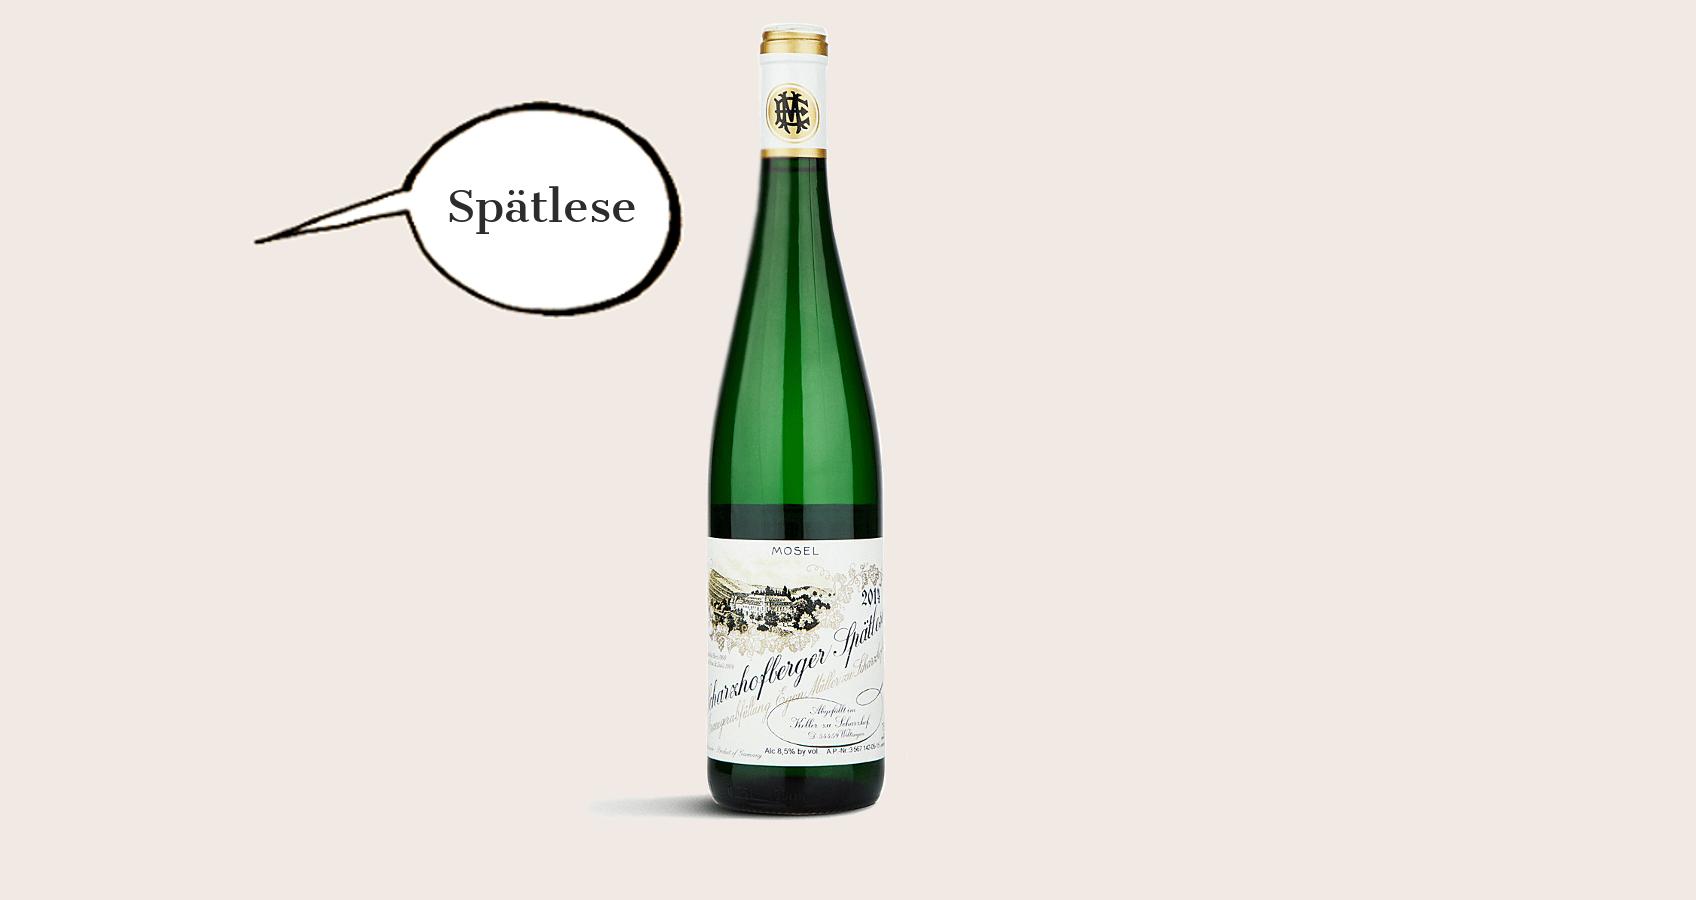 kupuję teraz najnowszy kup tanio Czym różni się wino Spätlese od Auslese? - Alternatywne.pl